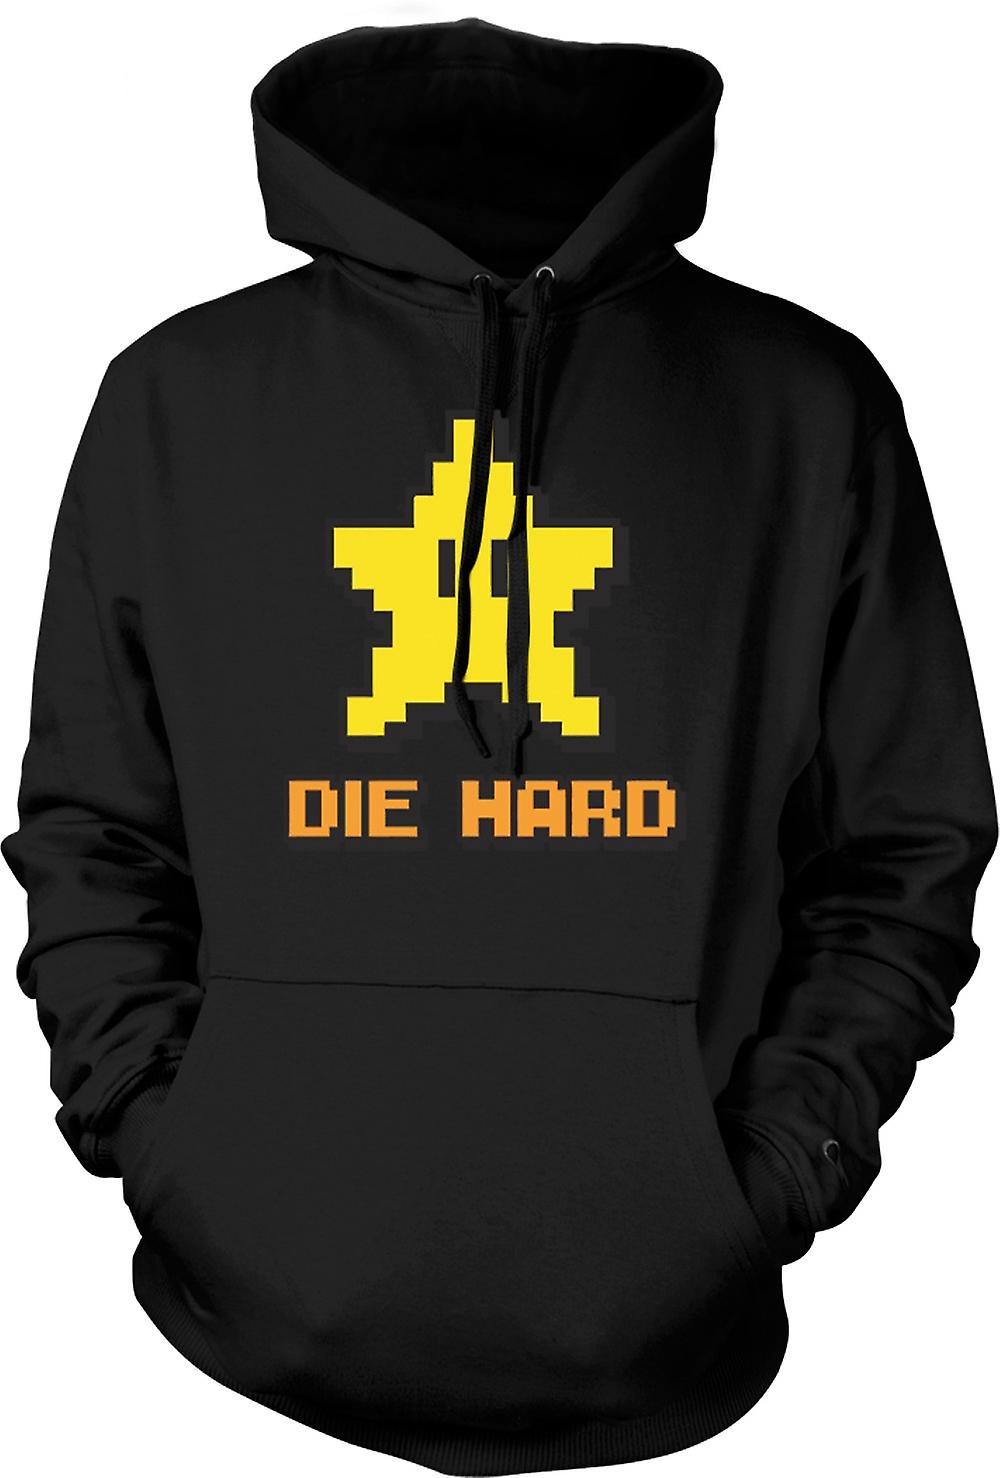 Kids Hoodie - Die Hard - Pacman - Quote